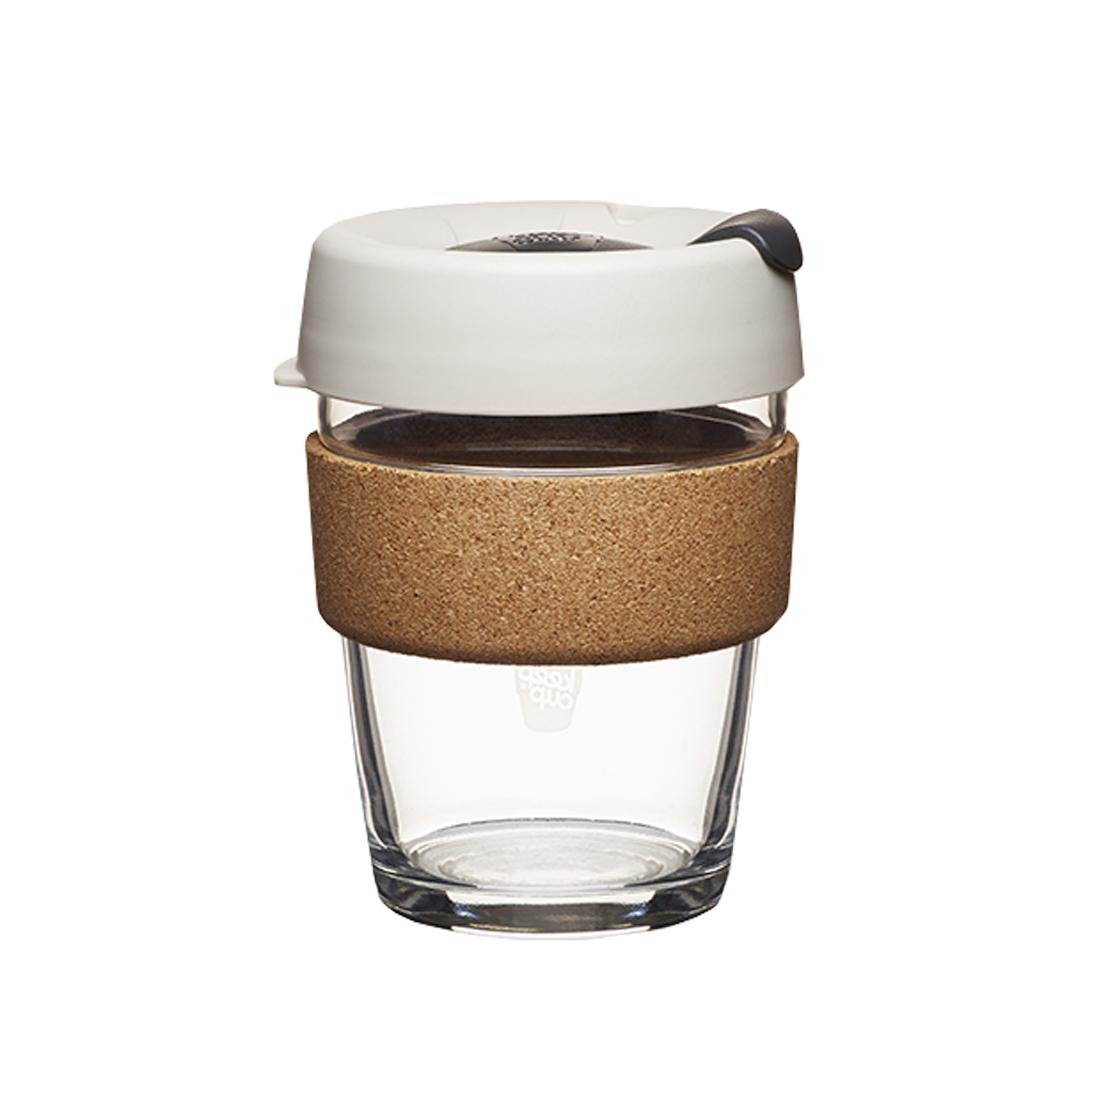 澳洲 KeepCup 隨身咖啡杯 軟木系列 M - 淺烘培